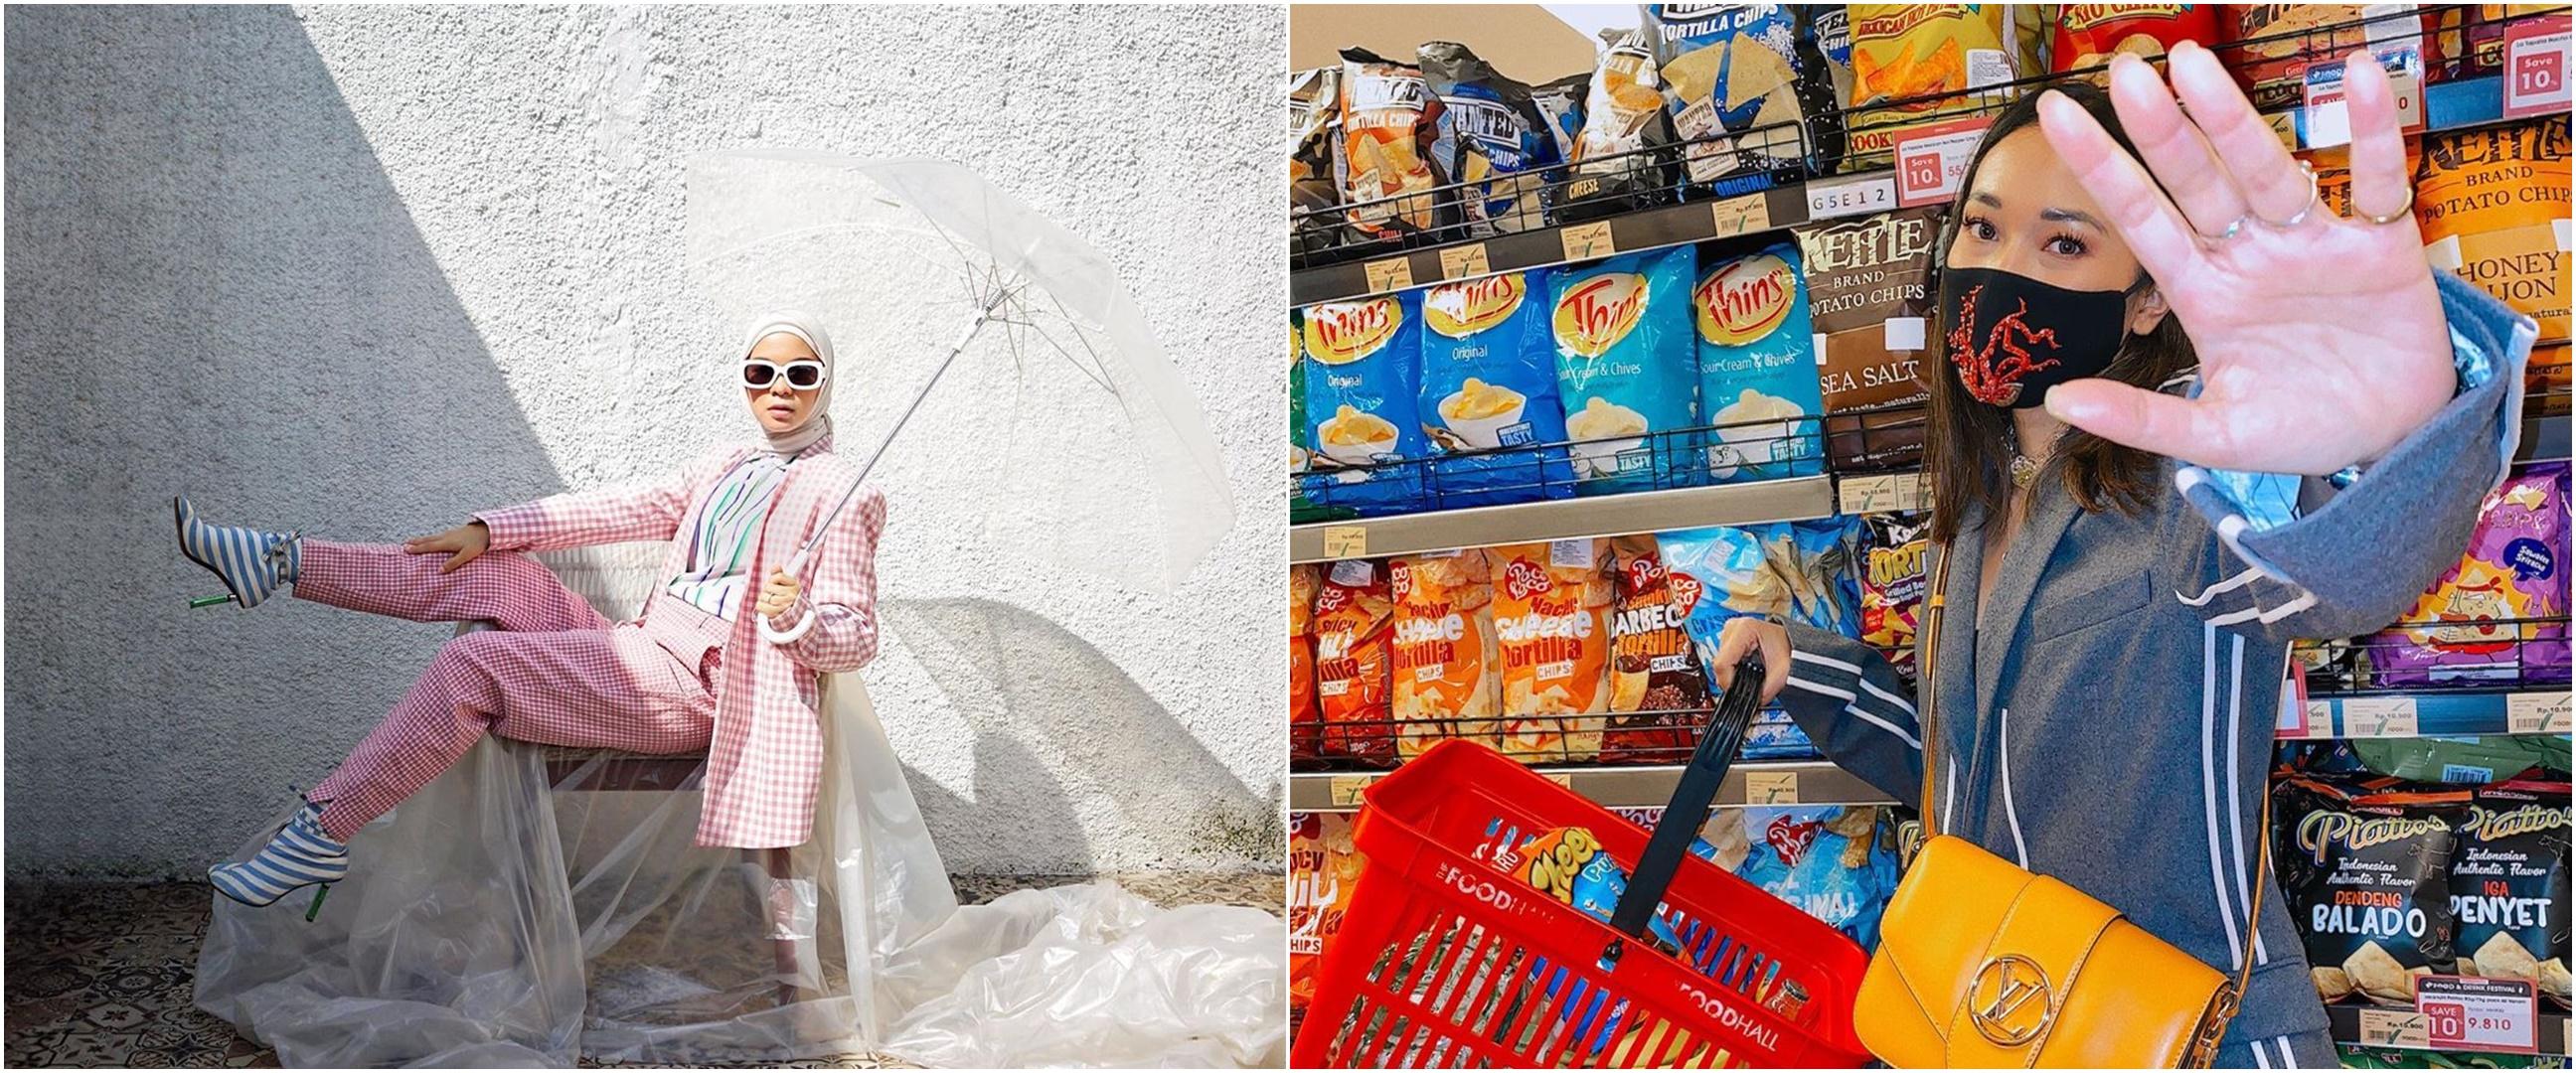 10 Ide background photoshoot ala seleb, ada yang pakai terpal